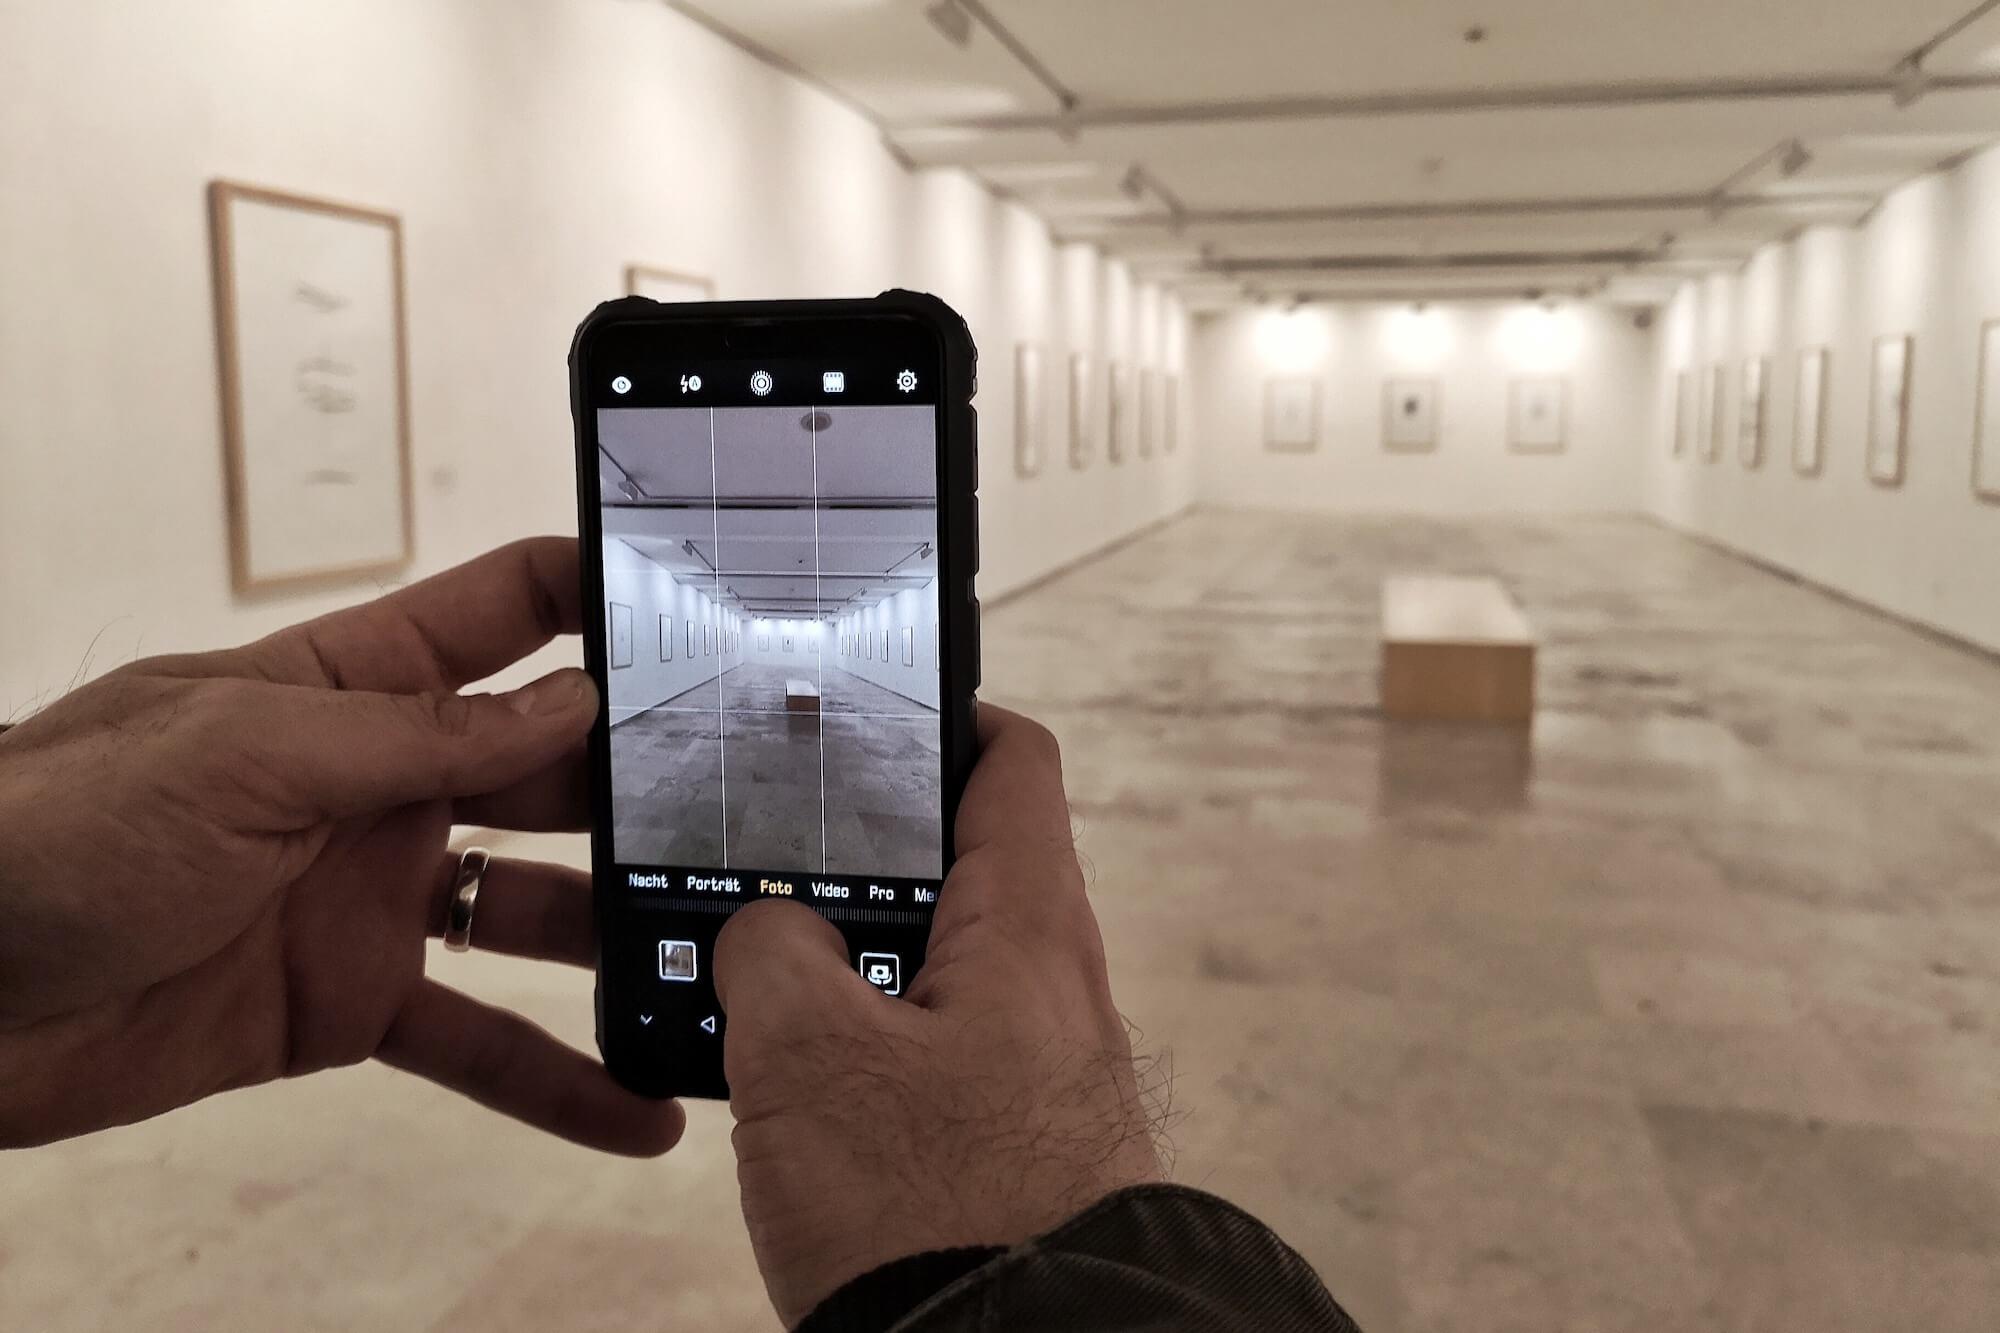 In Museen heftig diskutiert und dennoch ein Thema, über das kaum öffentlich gesprochen wird: Die Problematik um Bildrechte im Museum.